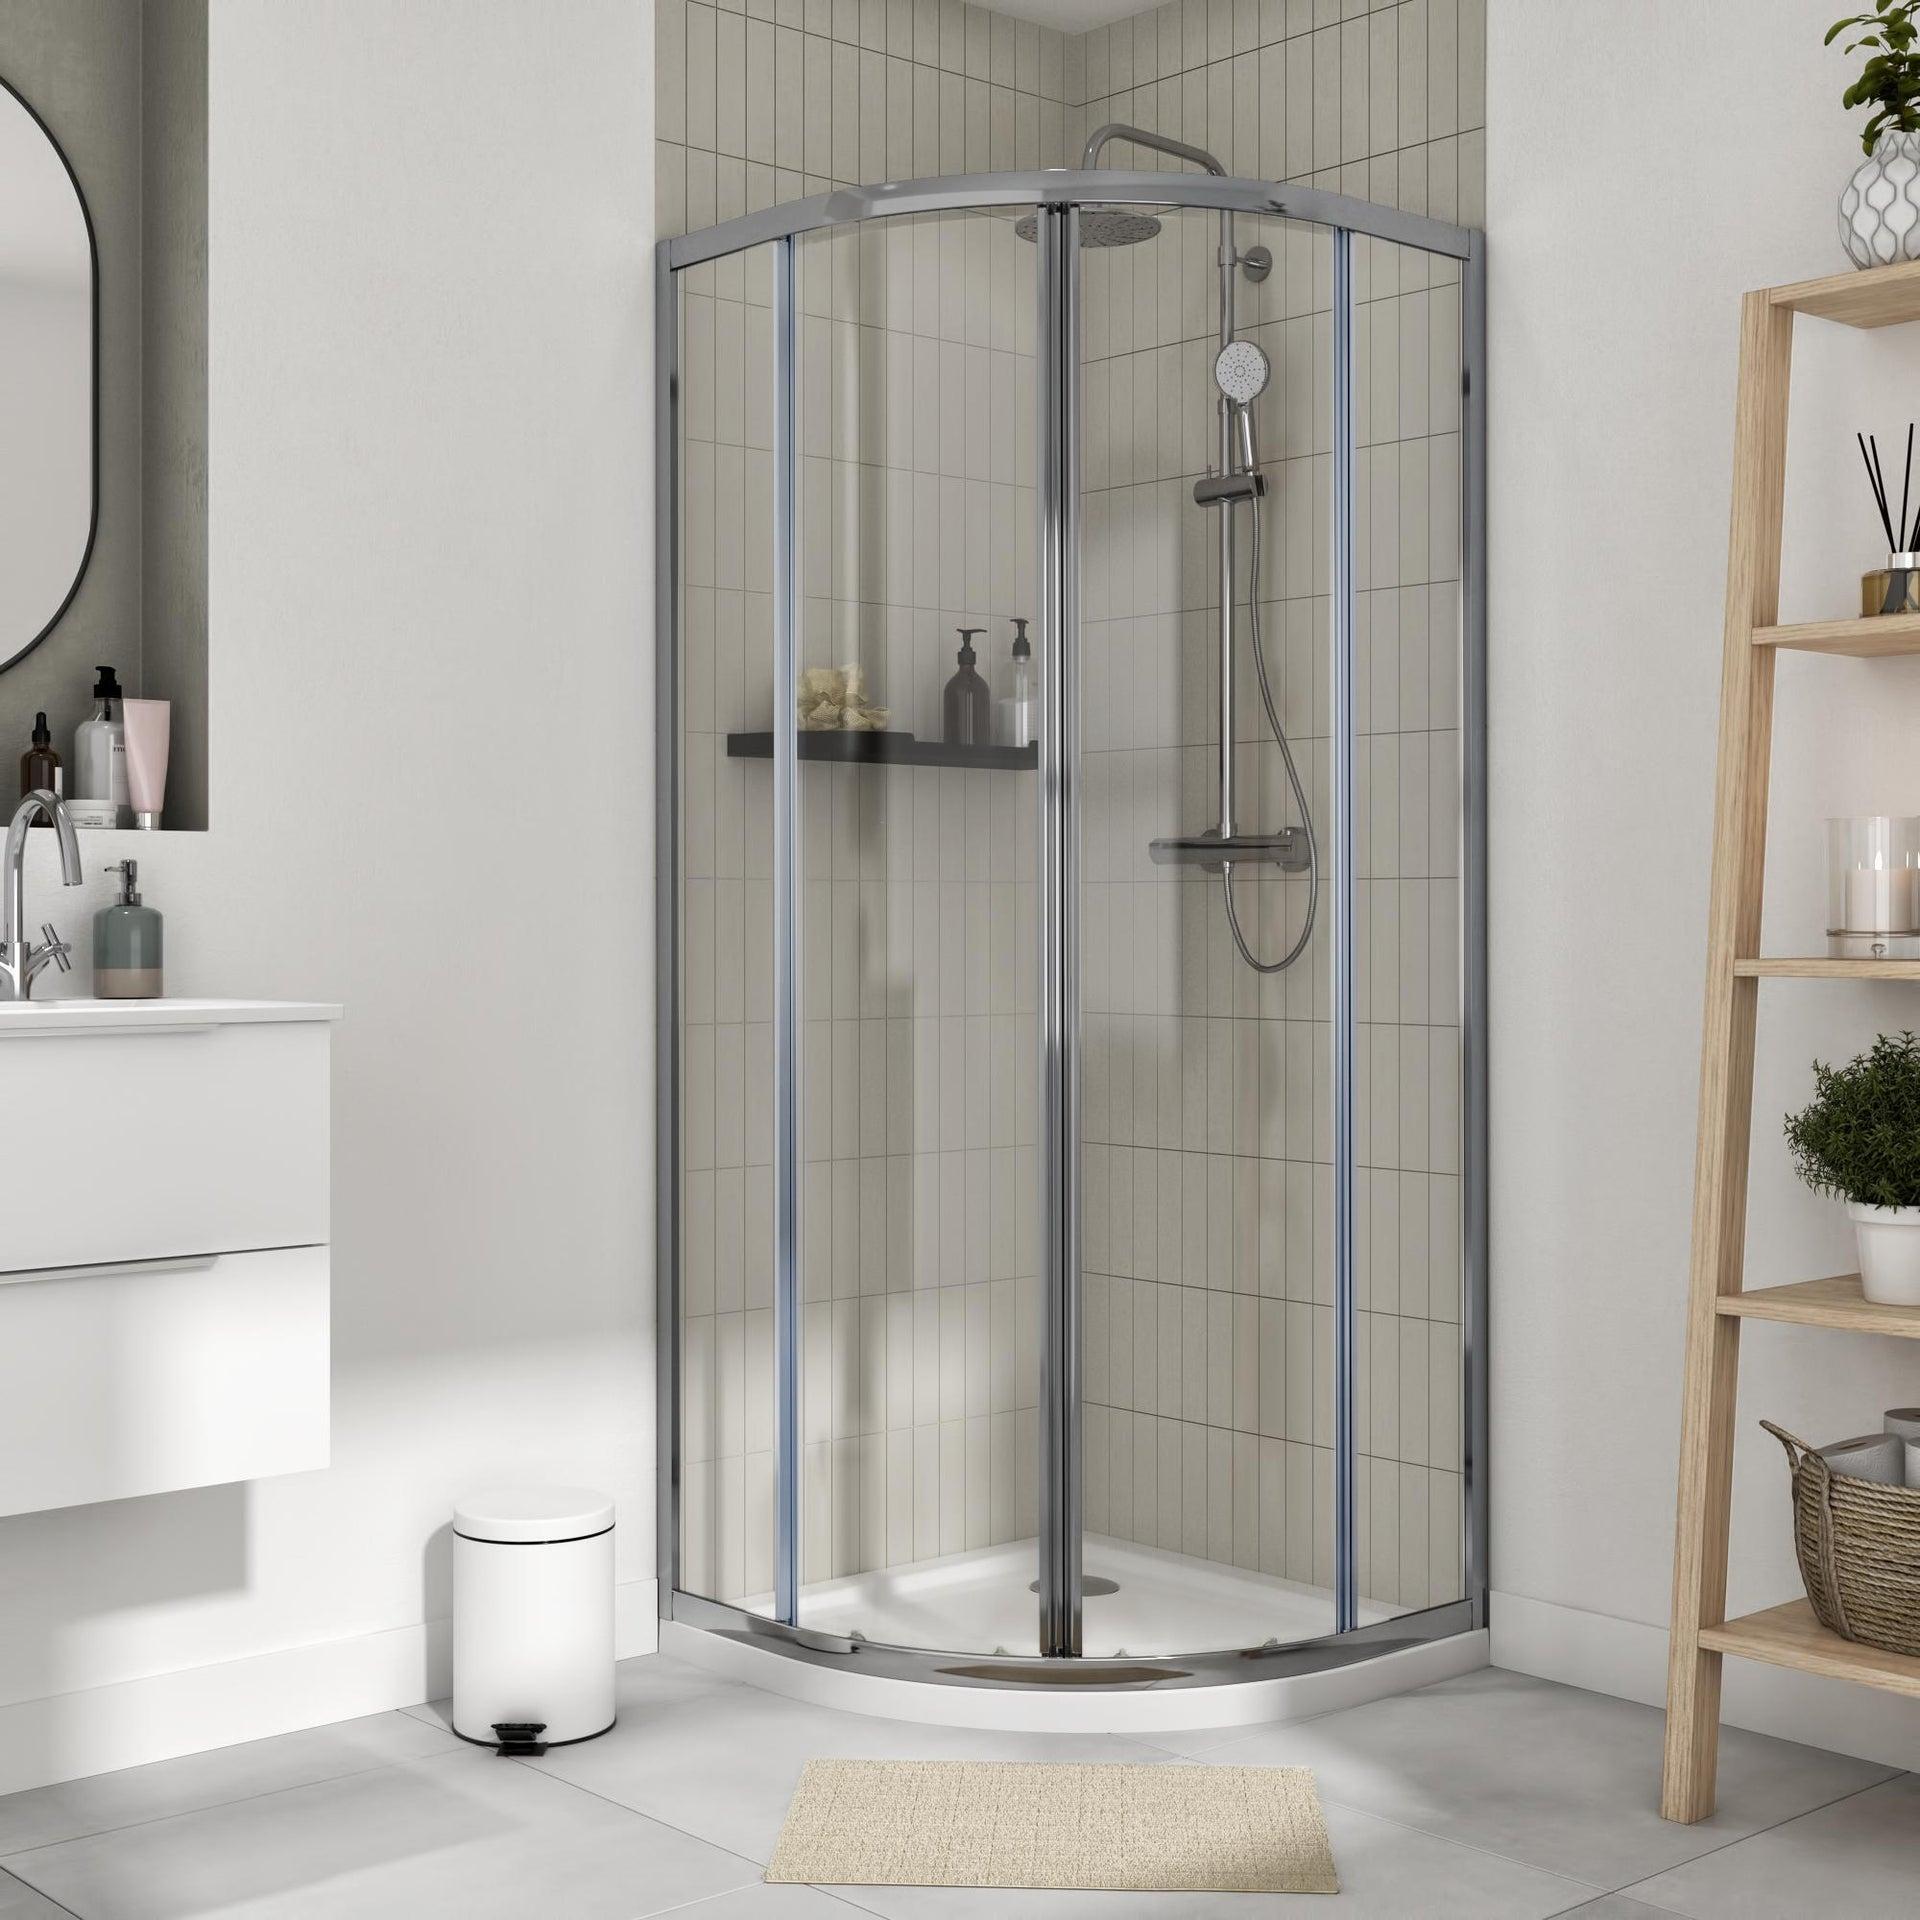 Box doccia semicircolare scorrevole Essential 80 x 80 cm, H 185 cm in vetro temprato, spessore 4 mm trasparente cromato - 2